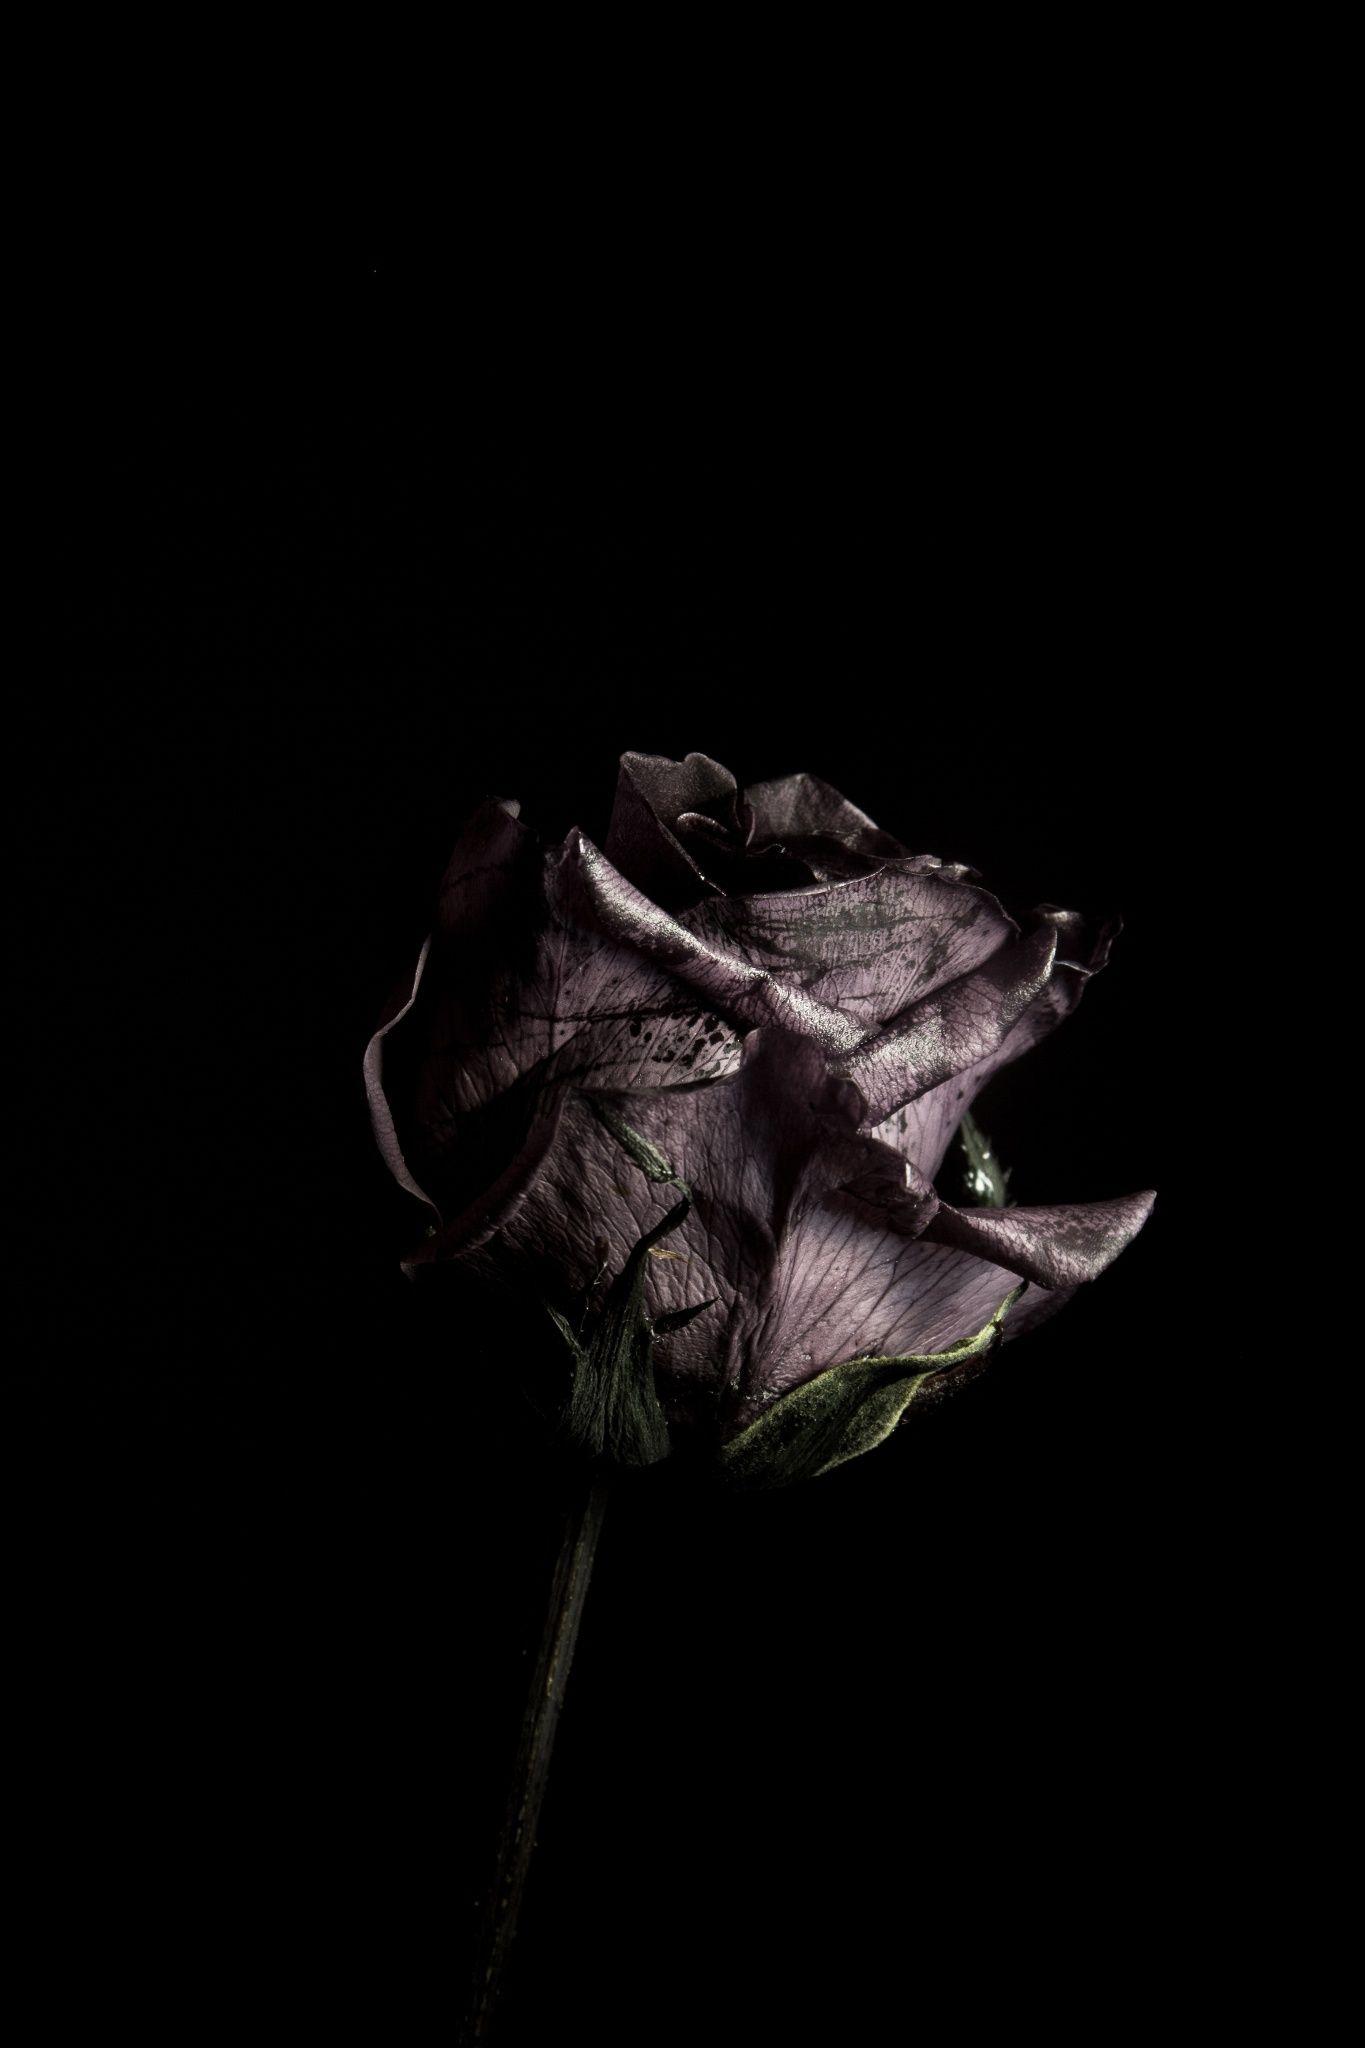 Get Good Black Wallpaper Iphone Dark Rose for iPhone 11 2020